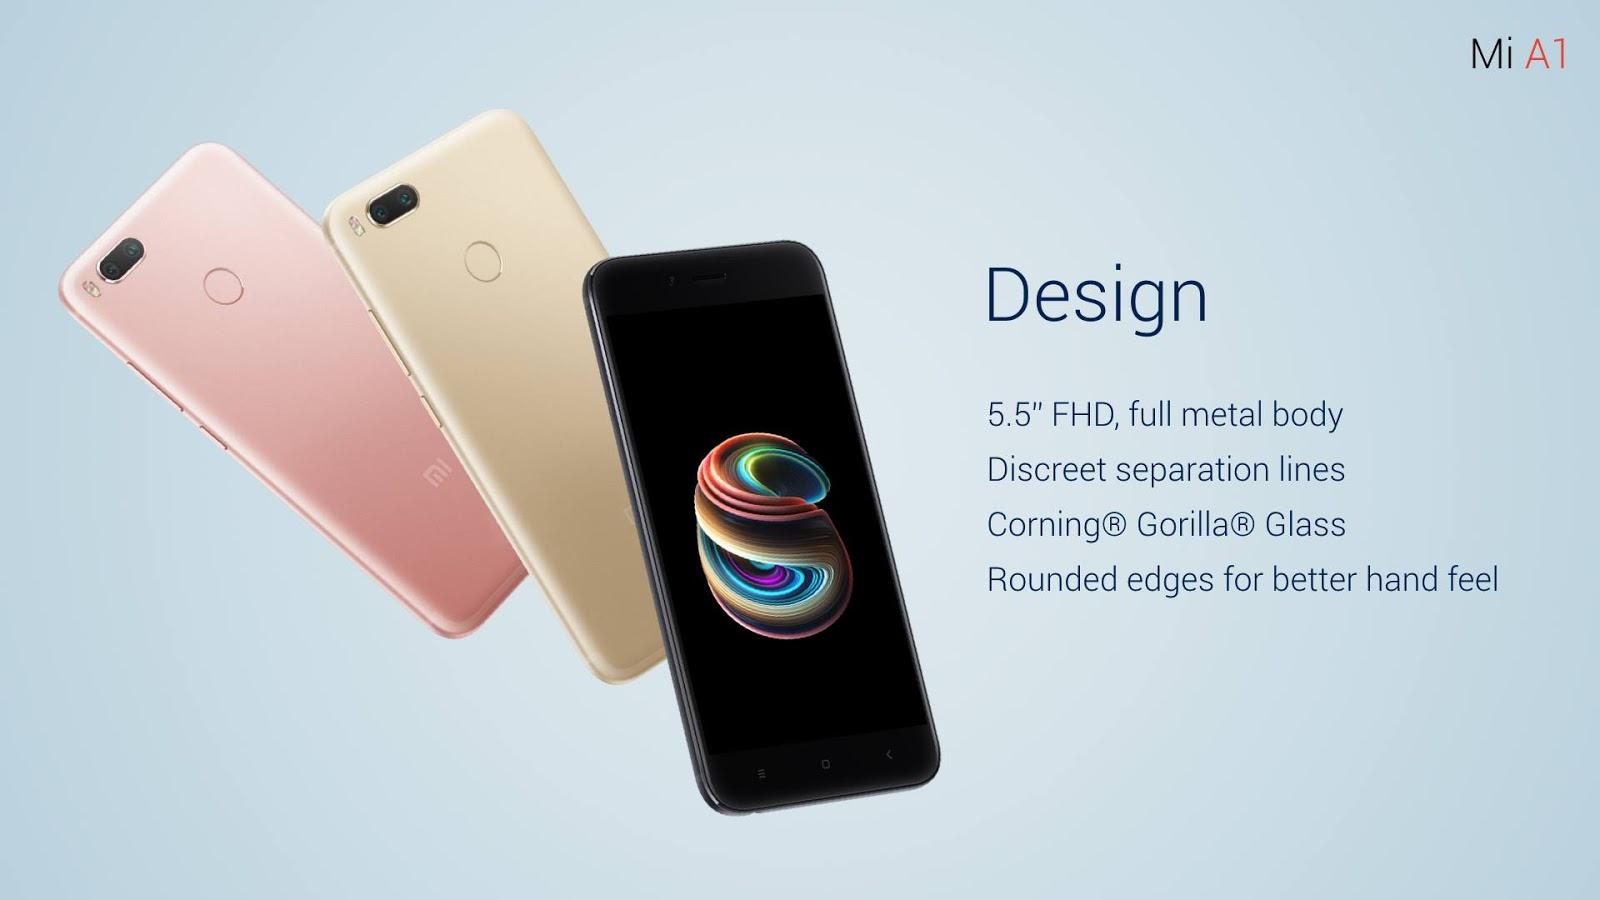 Дождались: Mi Mix 2, «чистый Android» и другие приятности от Xiaomi - 16